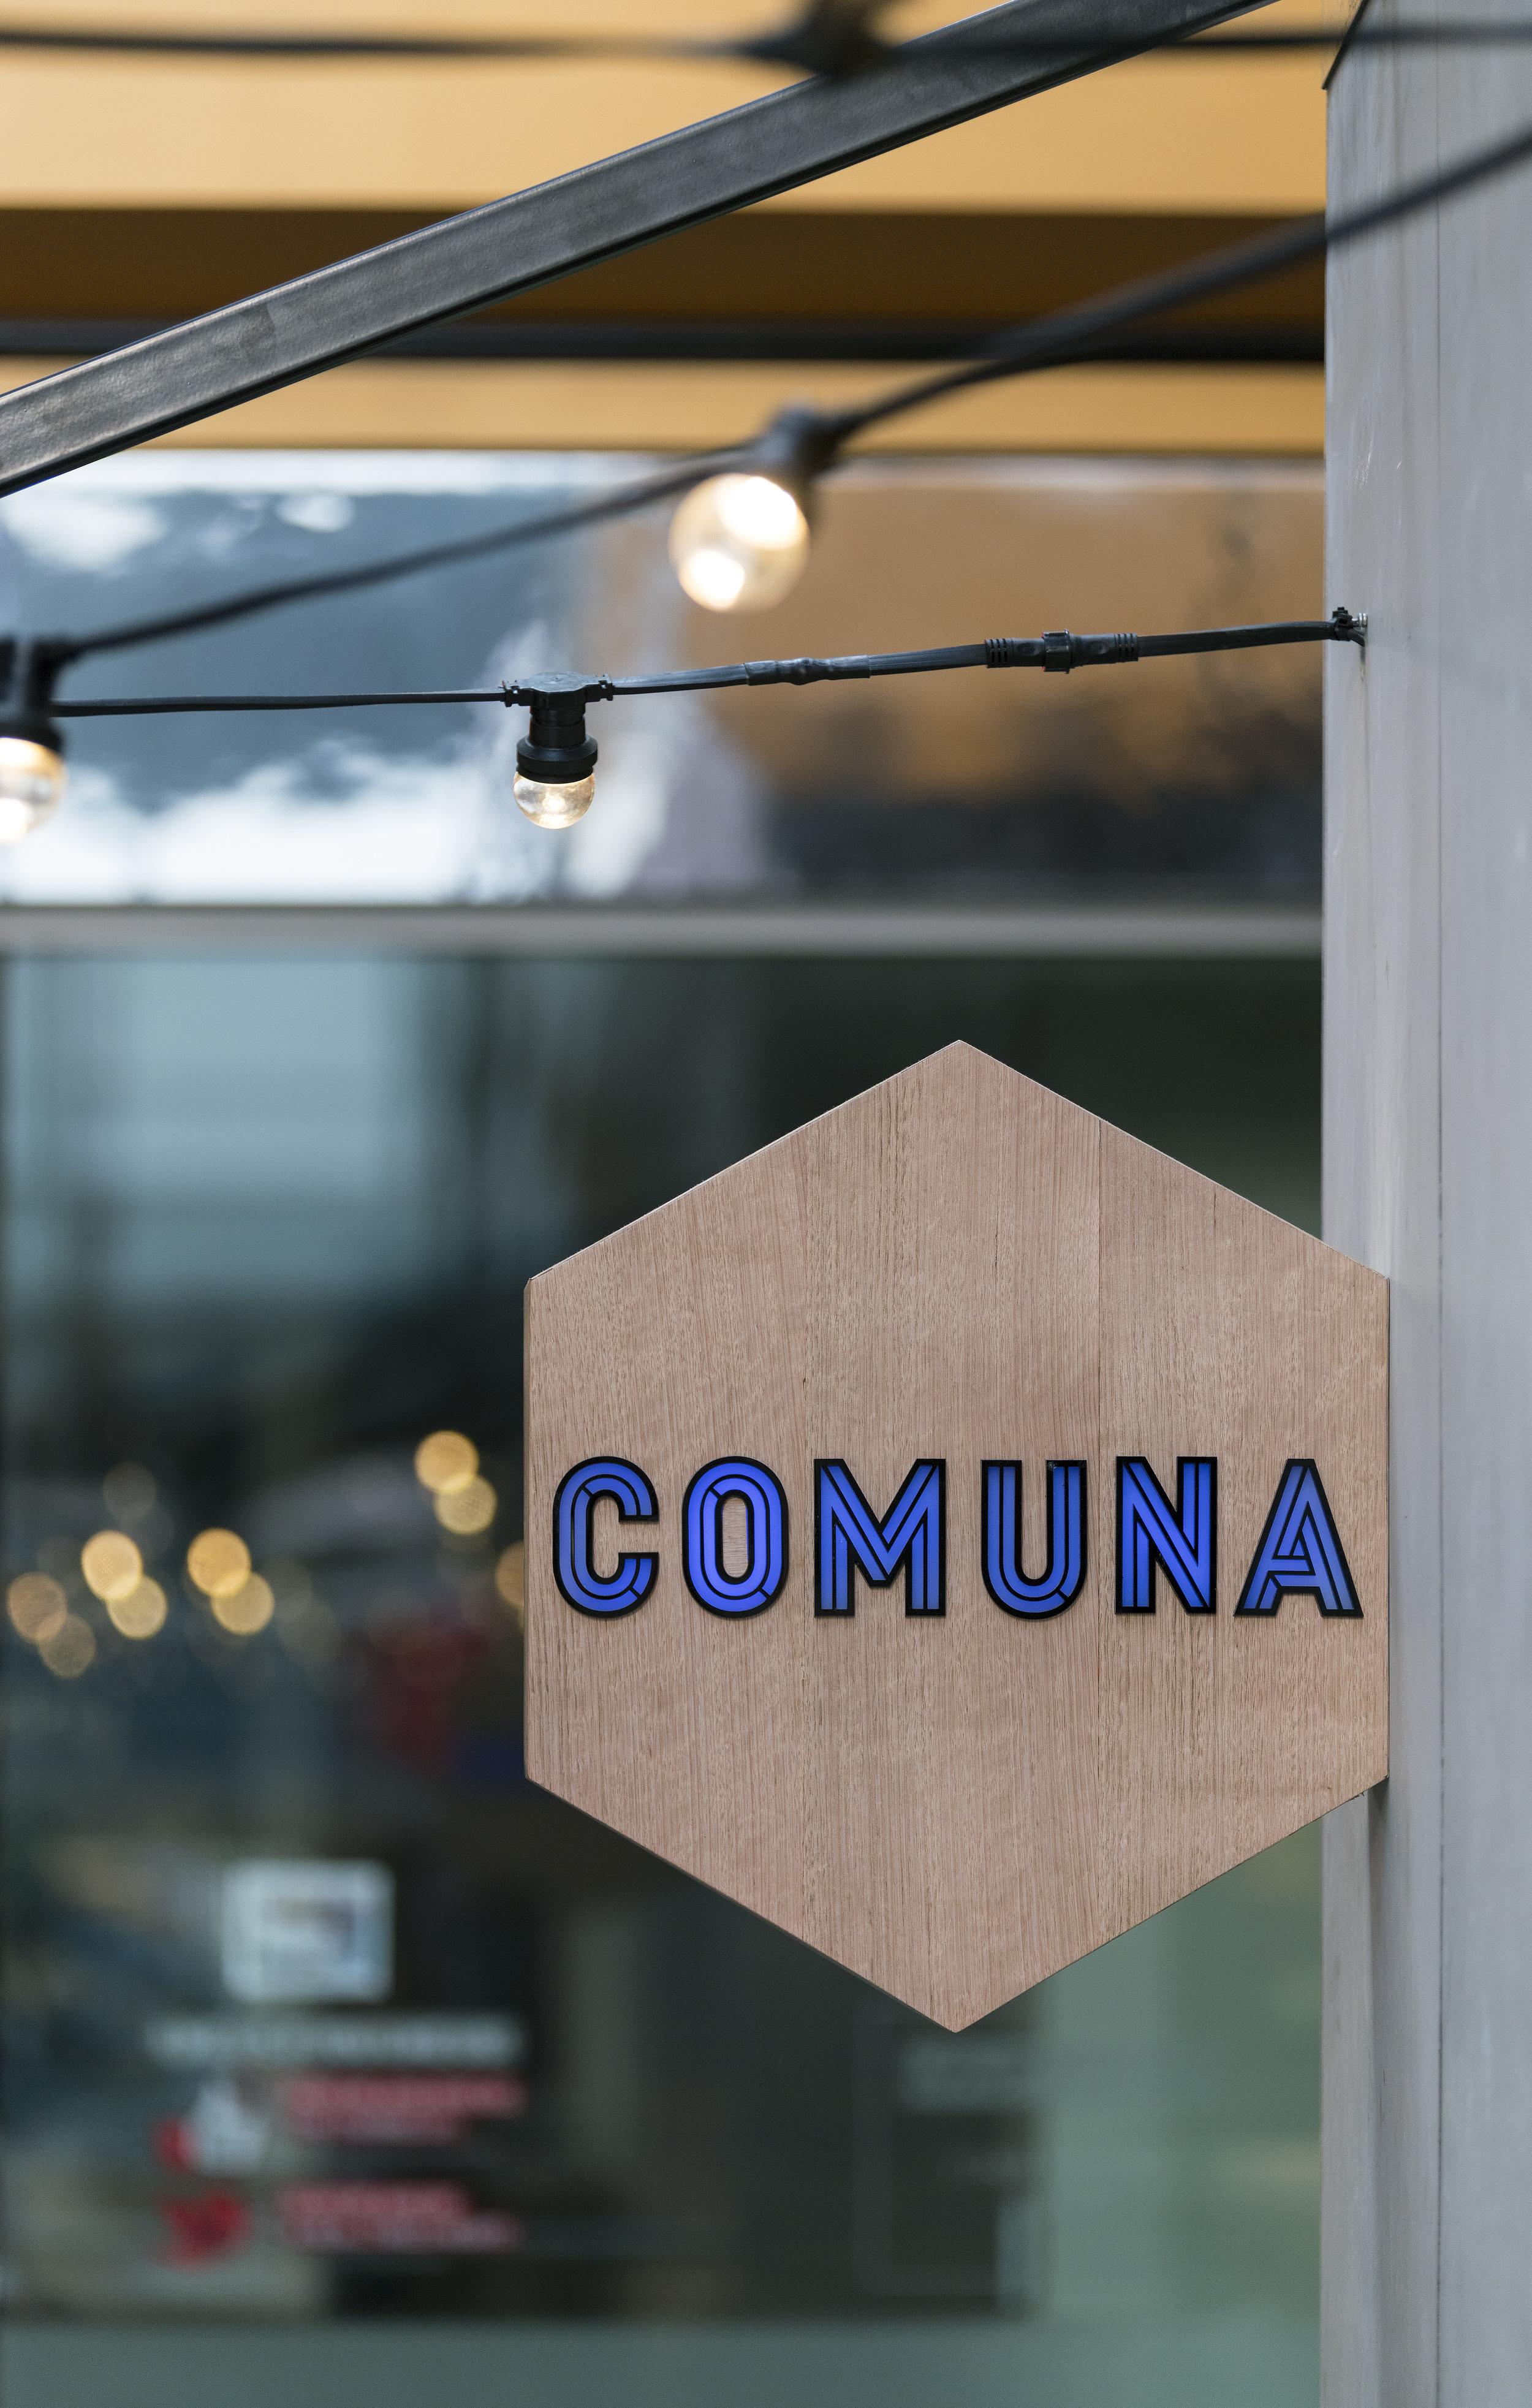 Comuna Cantina Signage - Collectivus Interior Design